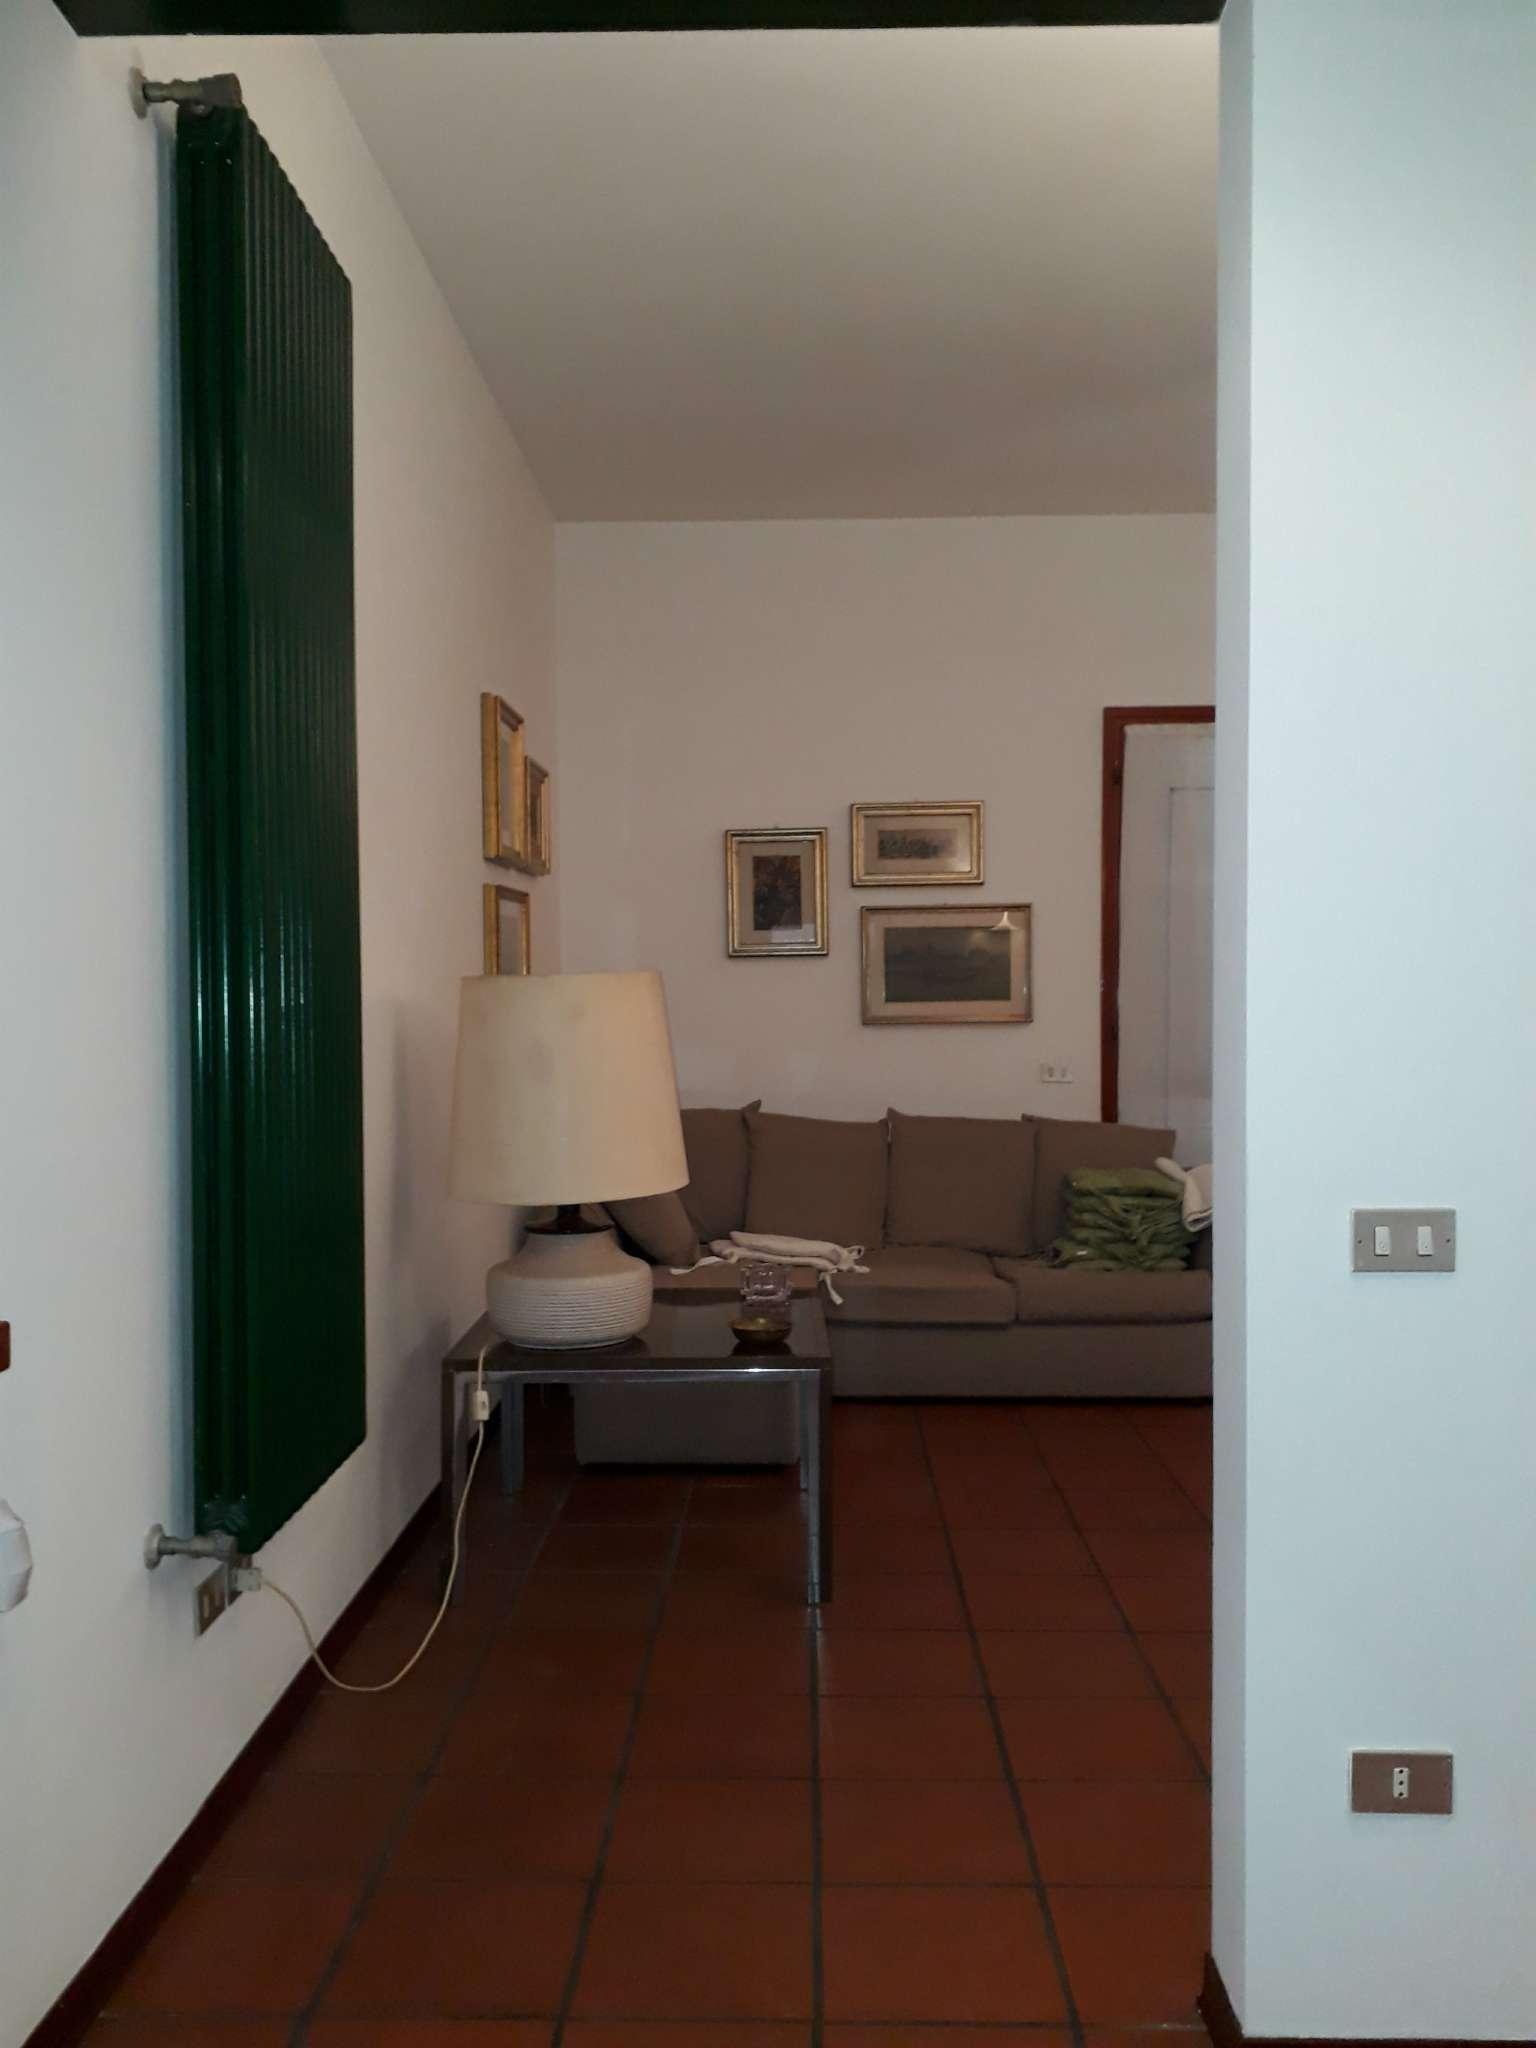 Ravenna Affitto PORZIONE DI CASA Immagine 3